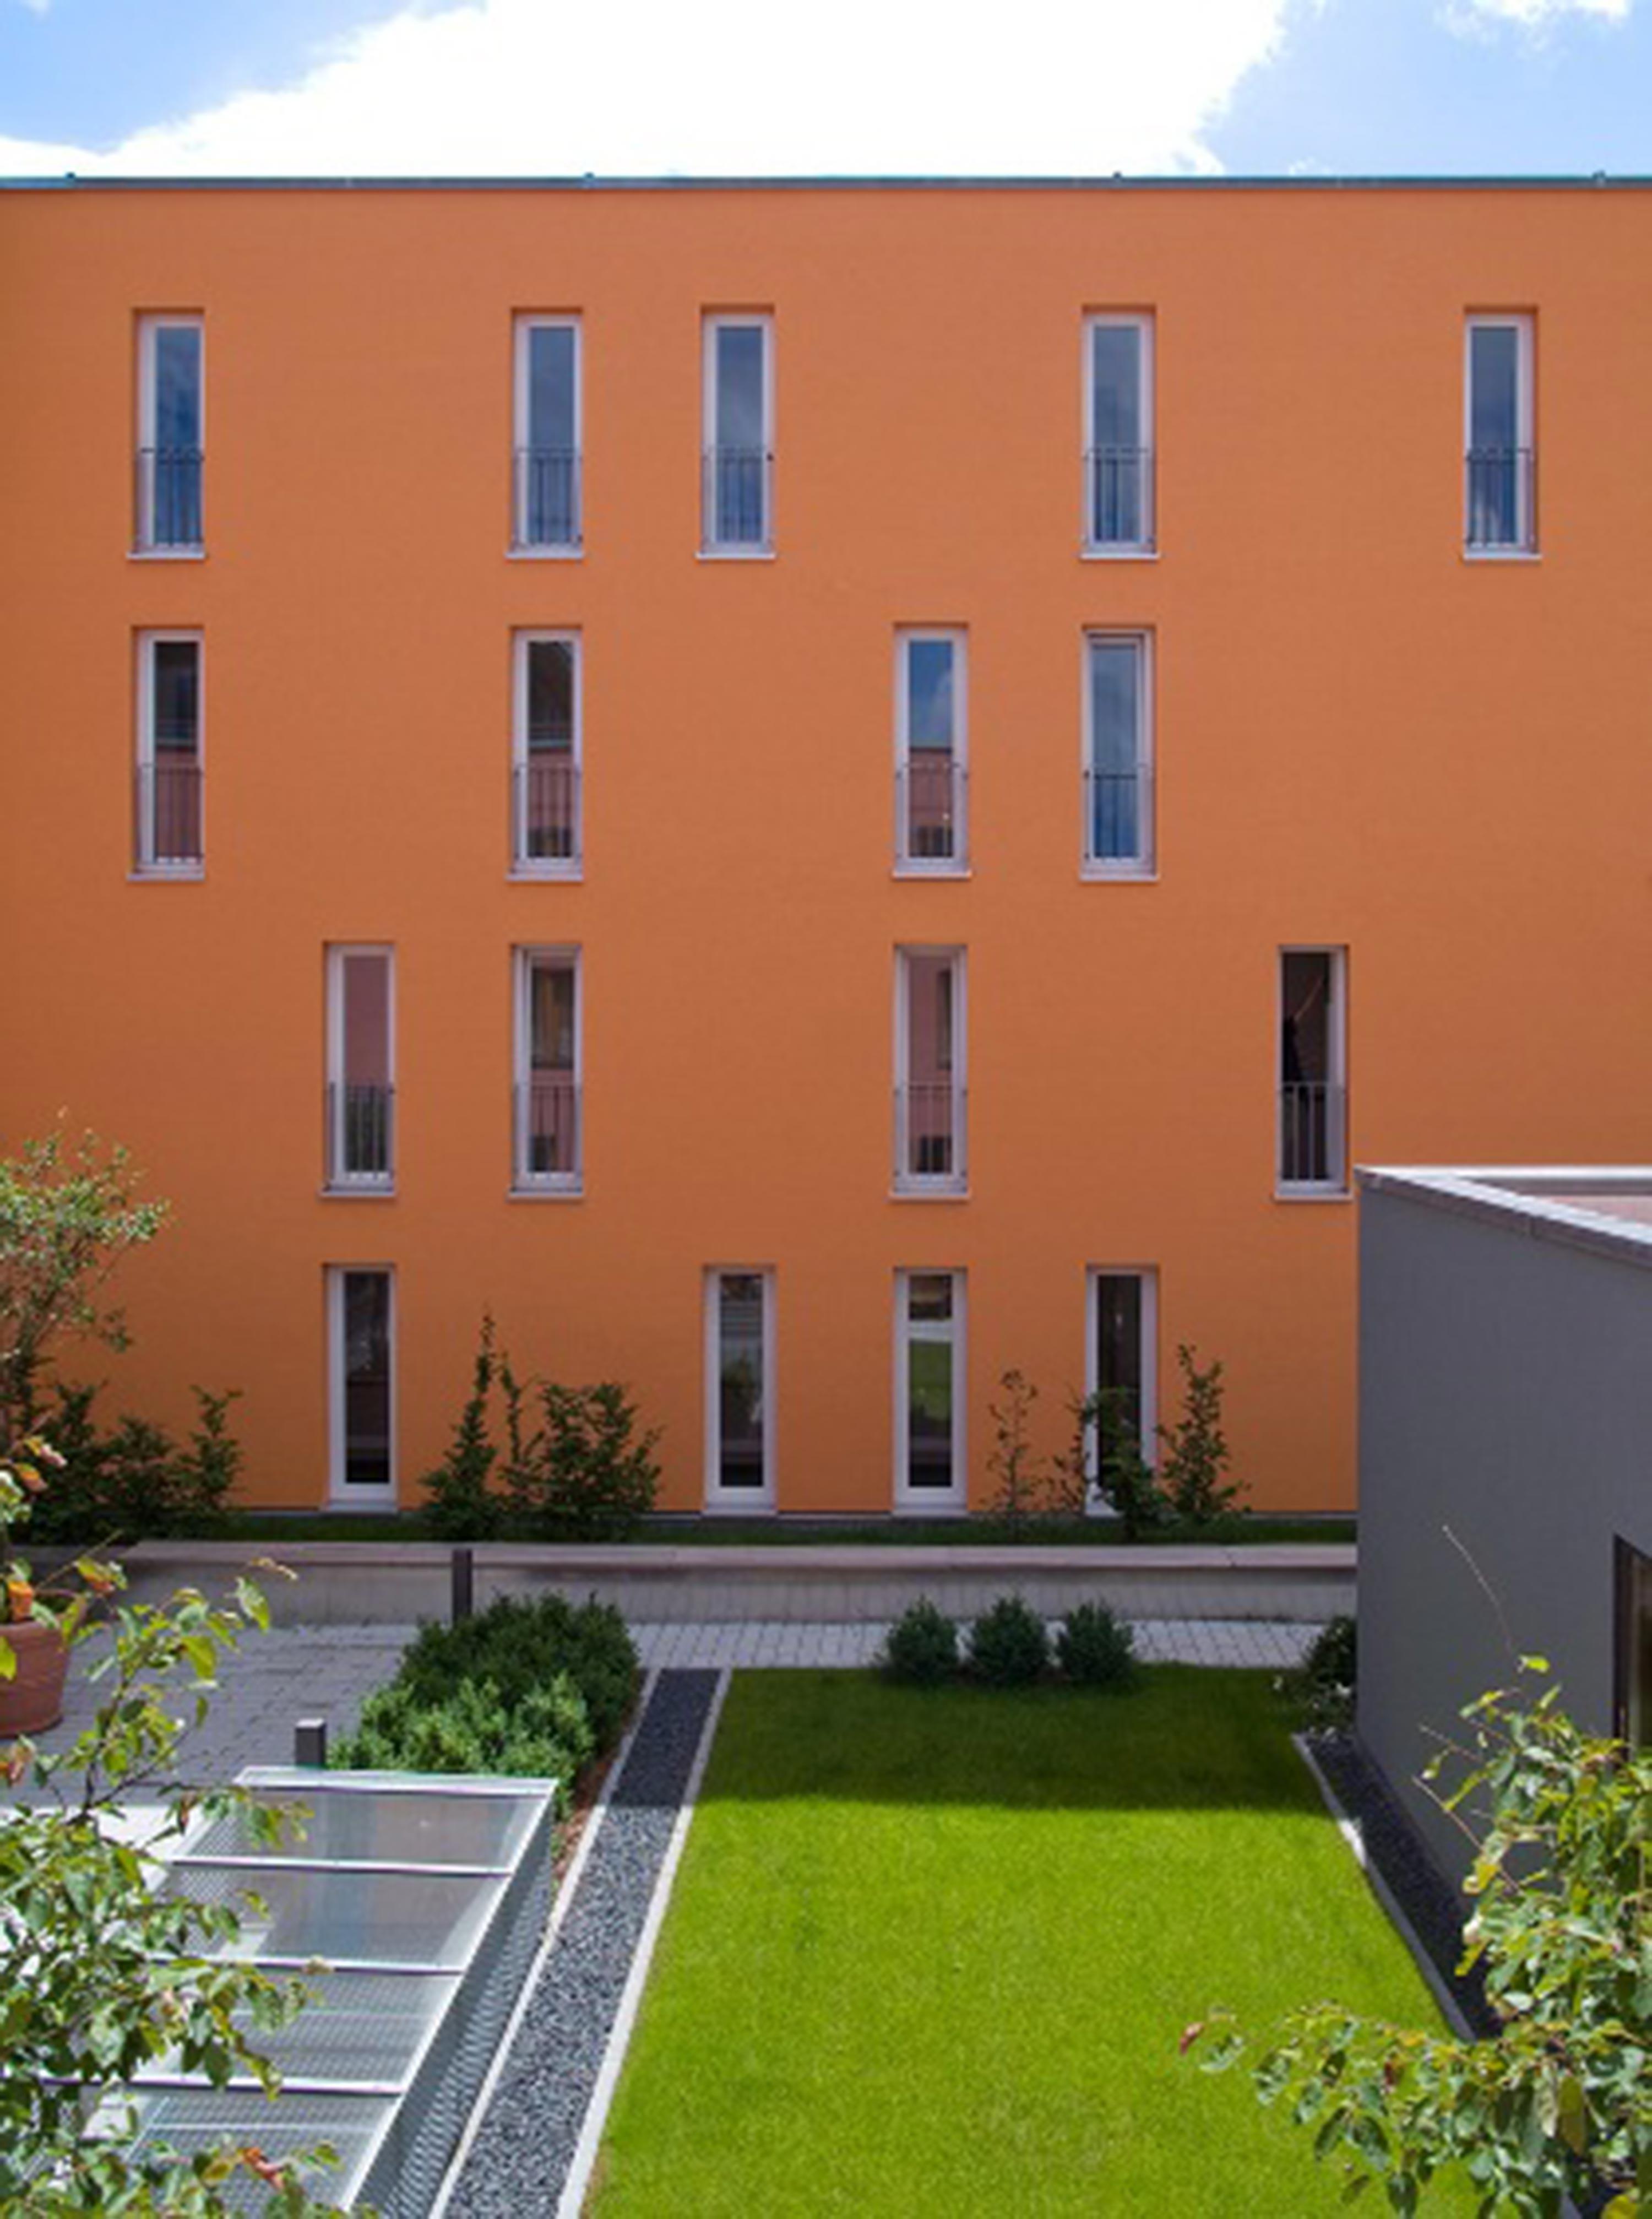 Wohn- und Pflegeverbund Mühlenviertel (6)